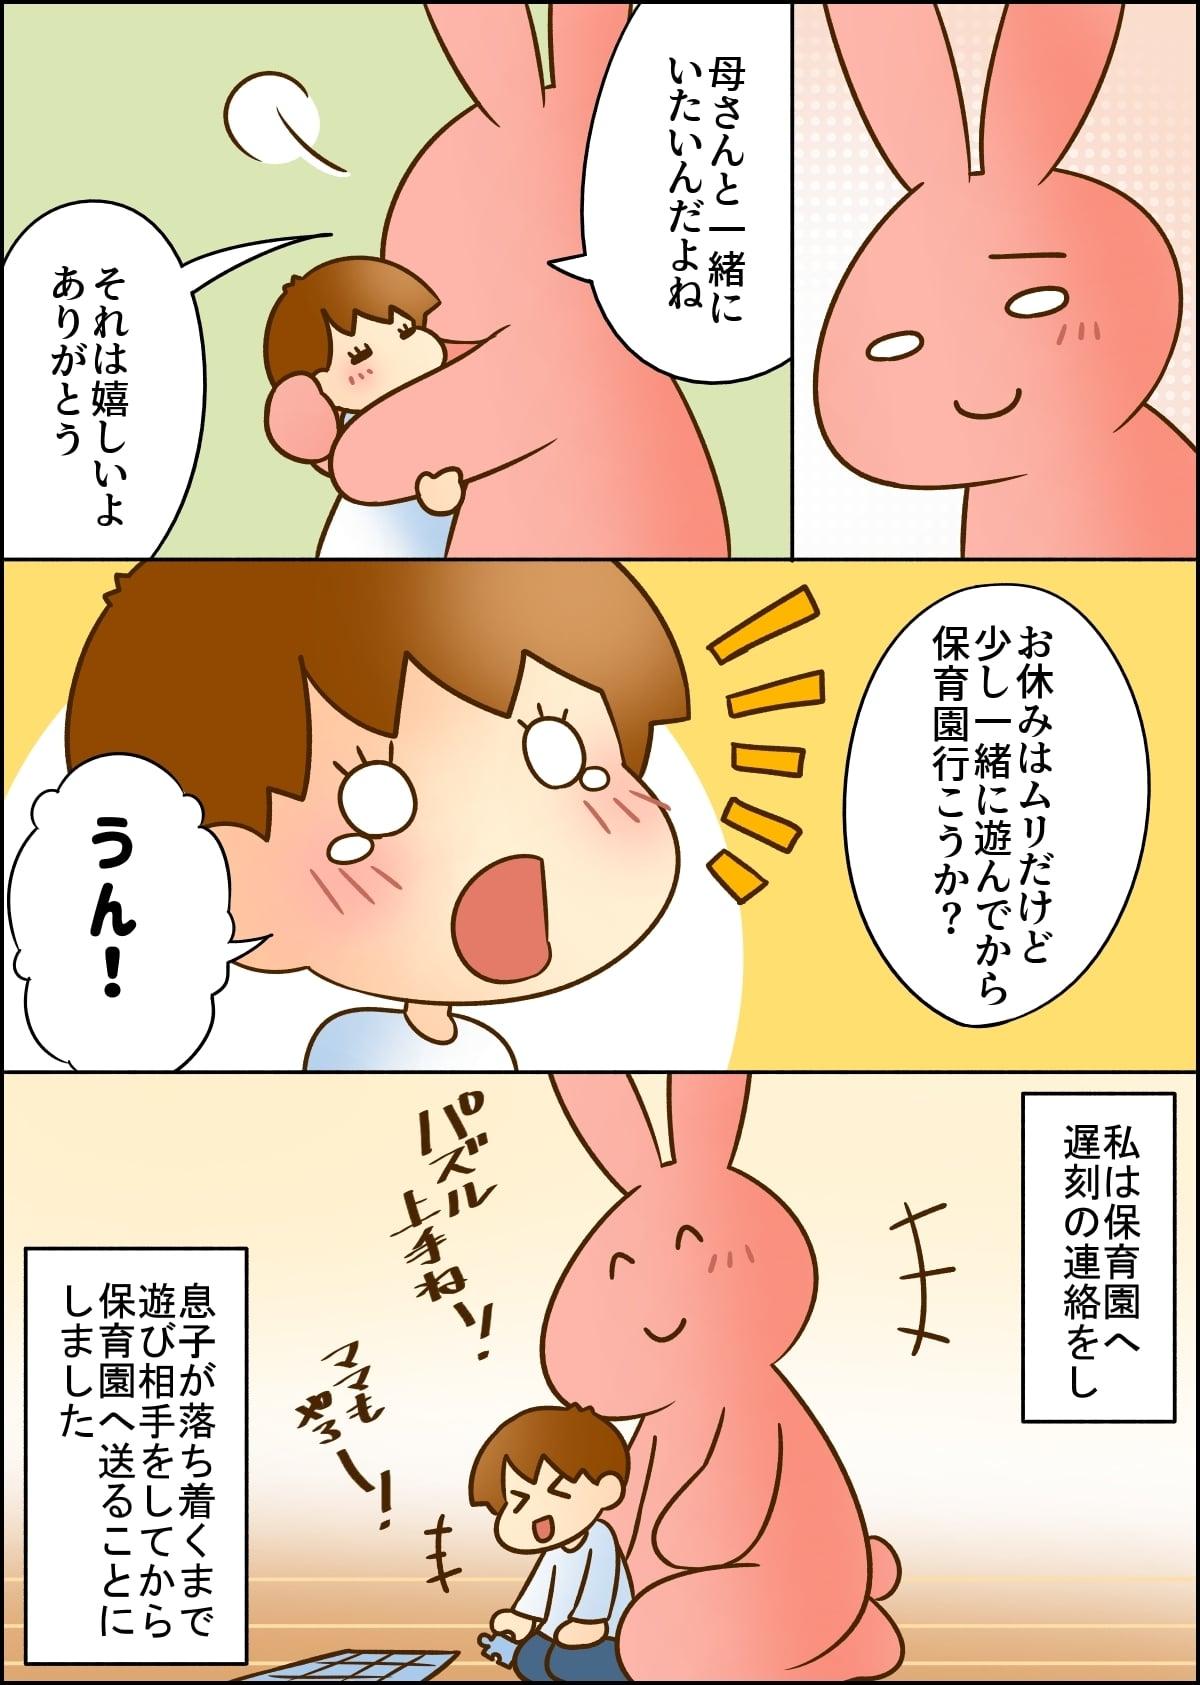 子どもの「保育園行きたくない」に困った!02